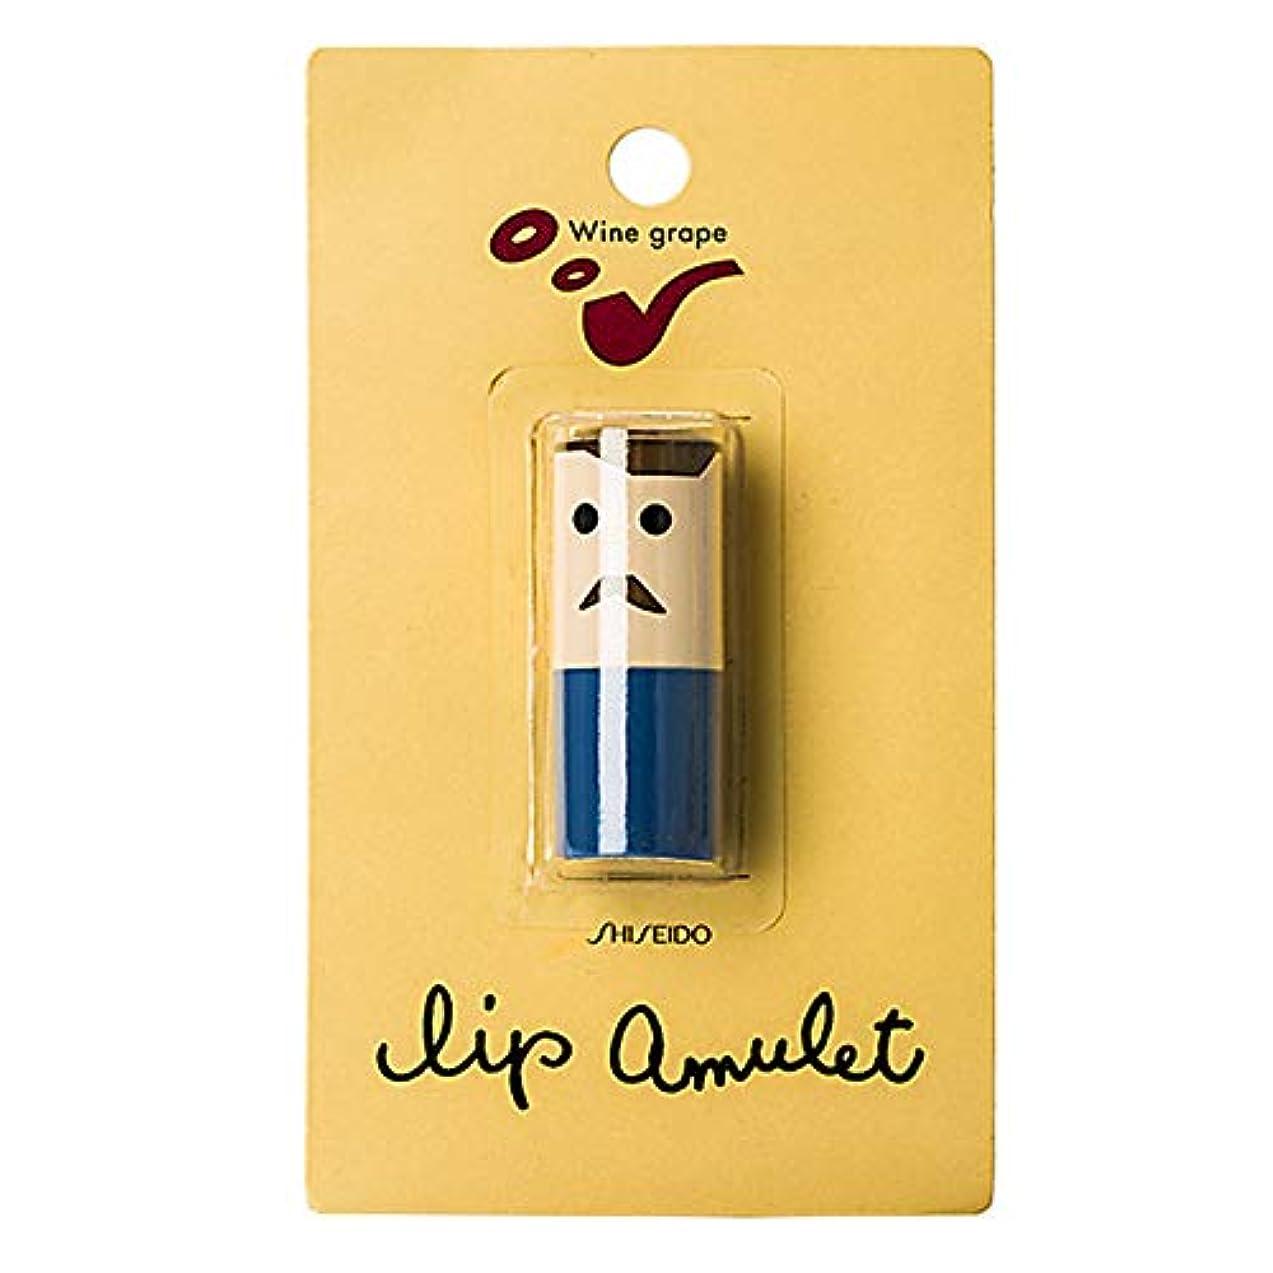 レディ好意会社【台湾限定】資生堂 Shiseido リップアミュレット Lip Amulet お土産 コスメ 色つきリップ 単品 葡萄酒紅 (ワイングレープ) [並行輸入品]